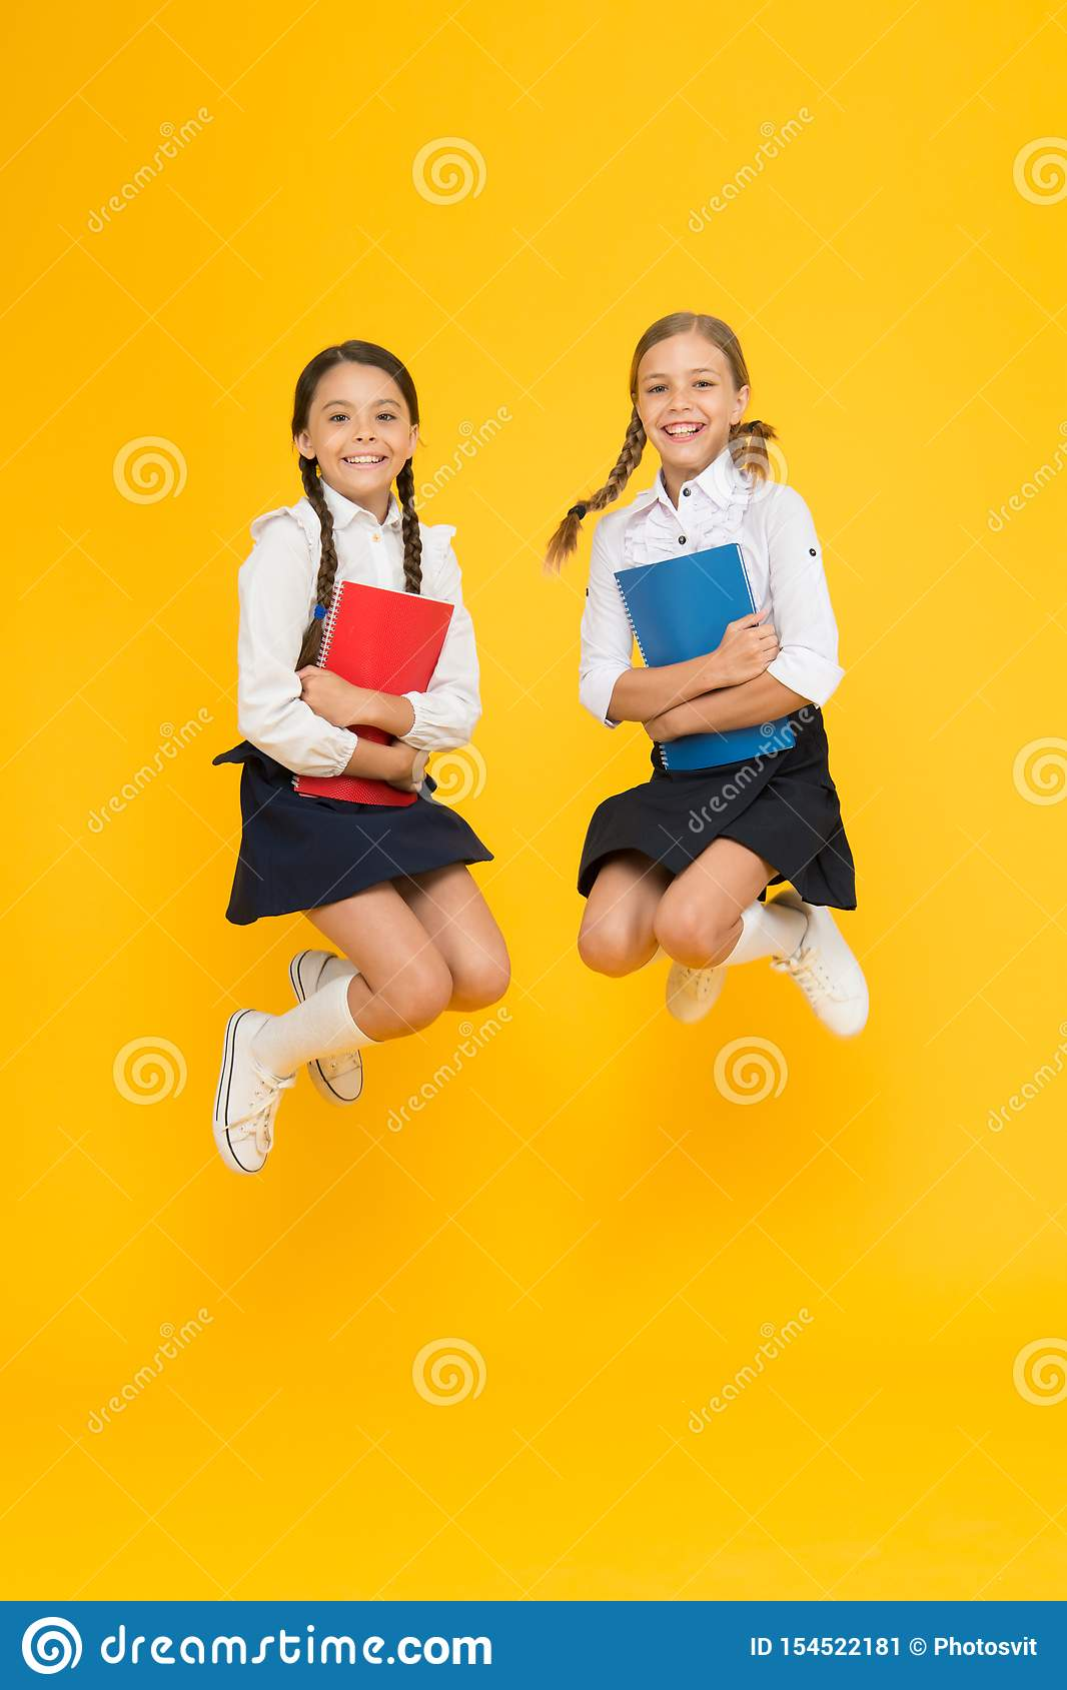 R рассказ чтения o жизнерадостные одноклассники с workbook тетрадь словаря Получите информацию